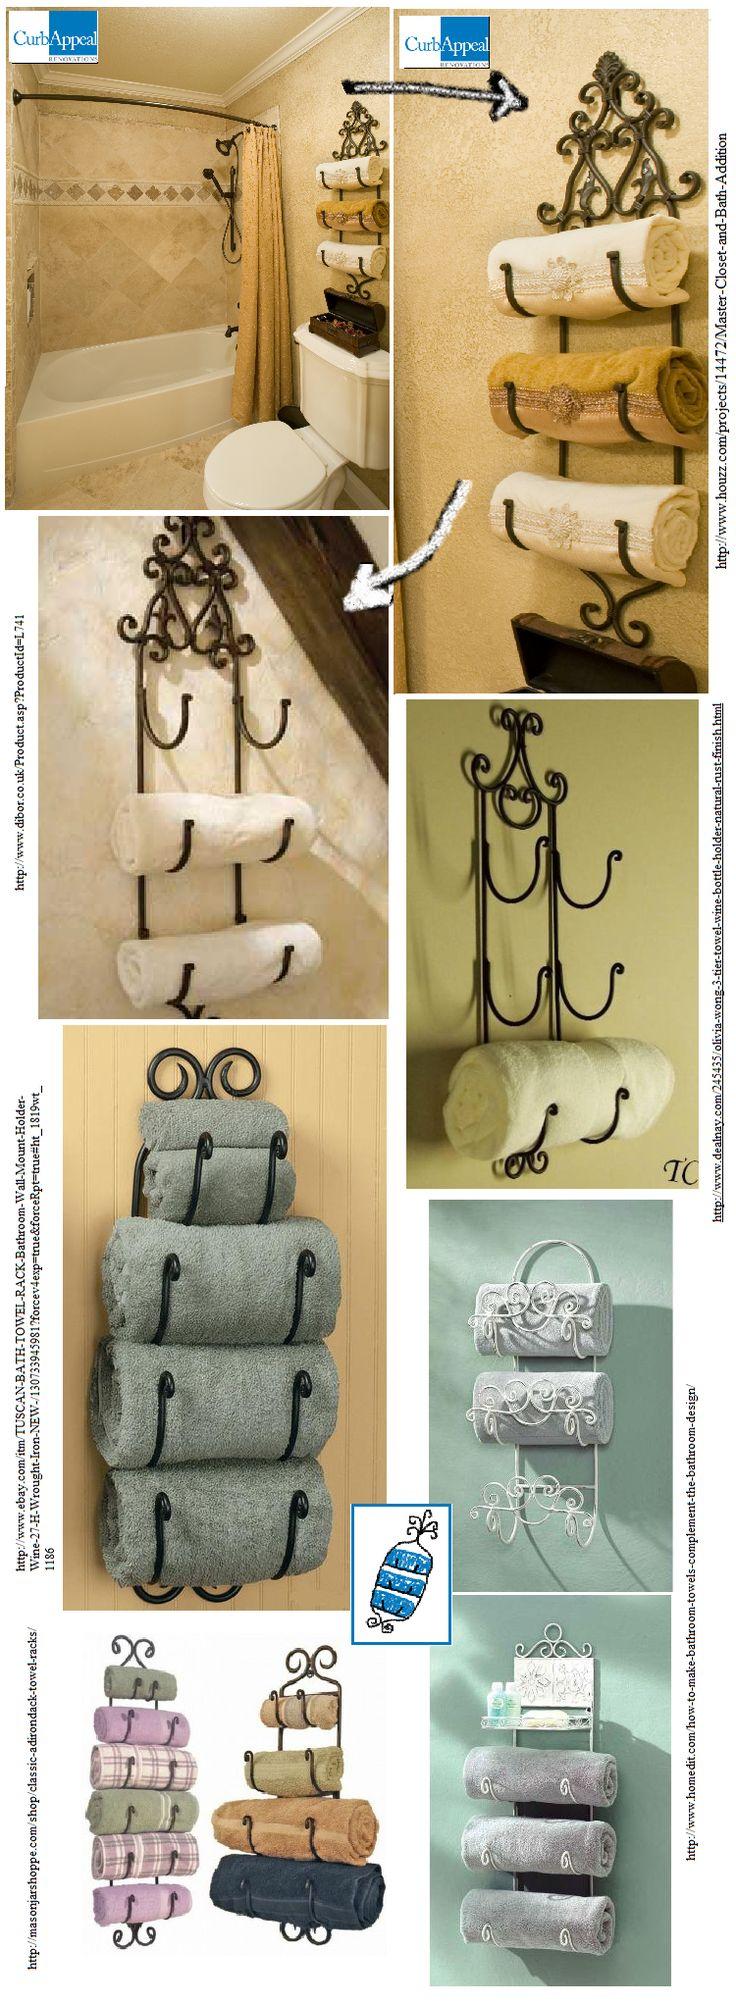 Best Bathroom Towel Storage Ideas On Pinterest Towel Storage - Wine rack towel storage for small bathroom ideas